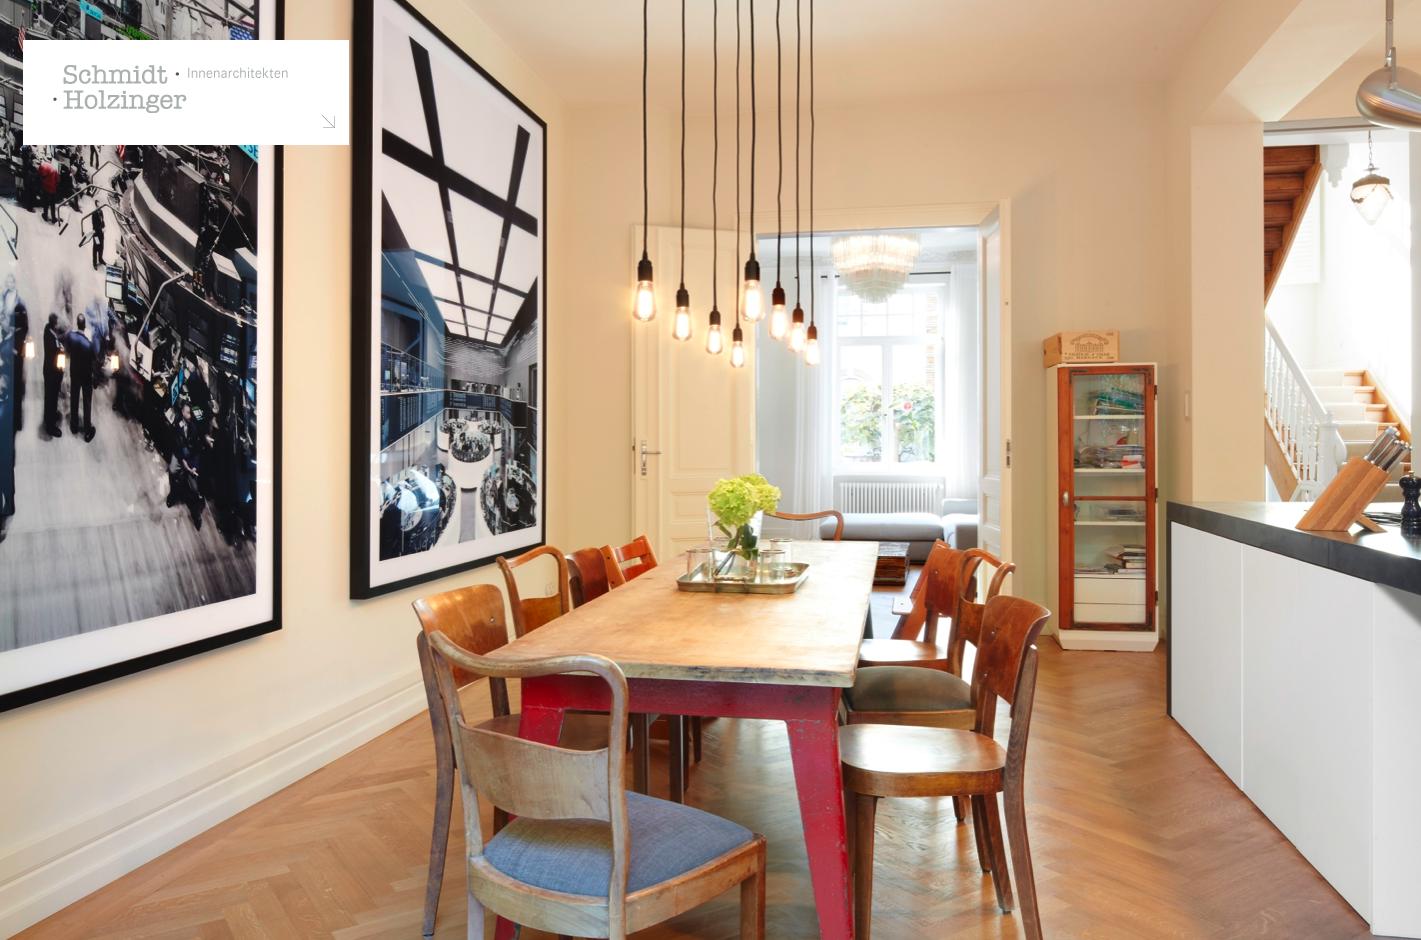 raumblog f r innenarchitektur architektur design projekte wohnen shops office altbau. Black Bedroom Furniture Sets. Home Design Ideas